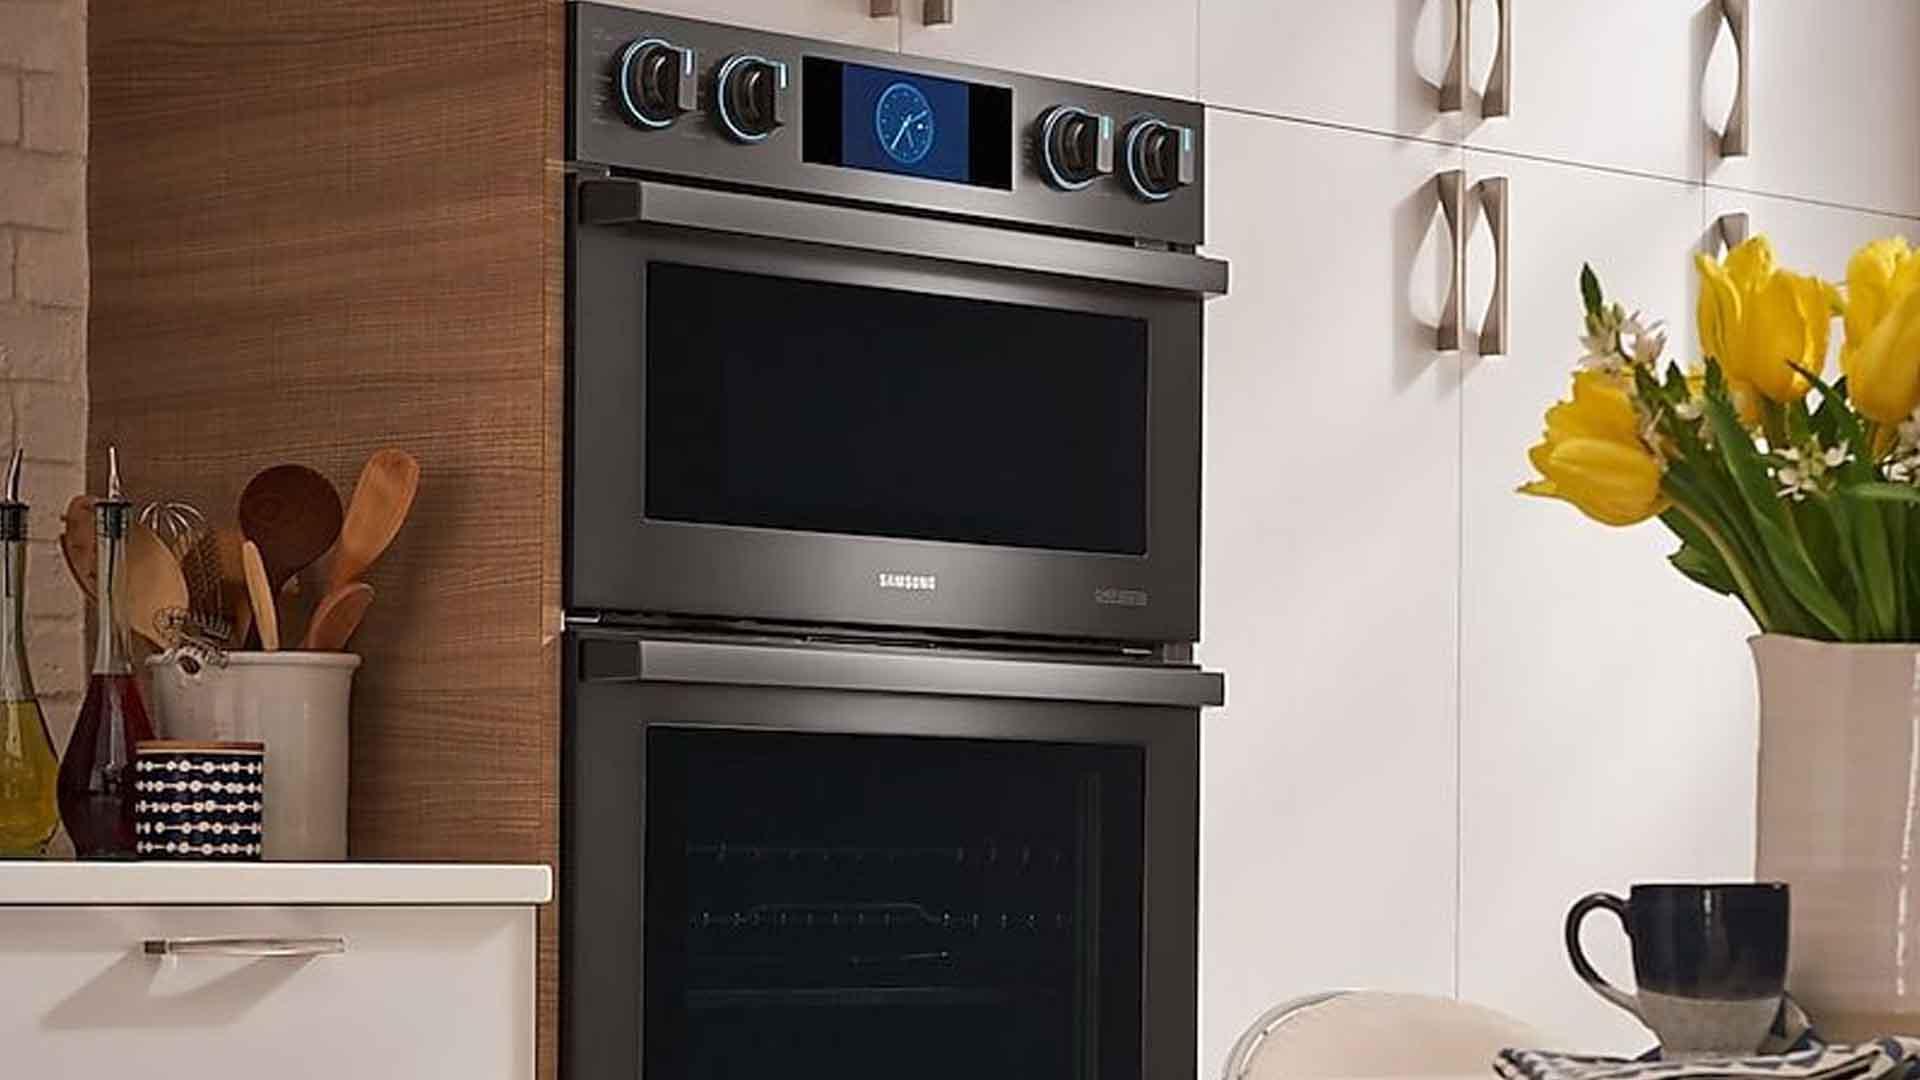 Samsung Wall Oven Appliances Repair Service   Samsung Appliance Repair